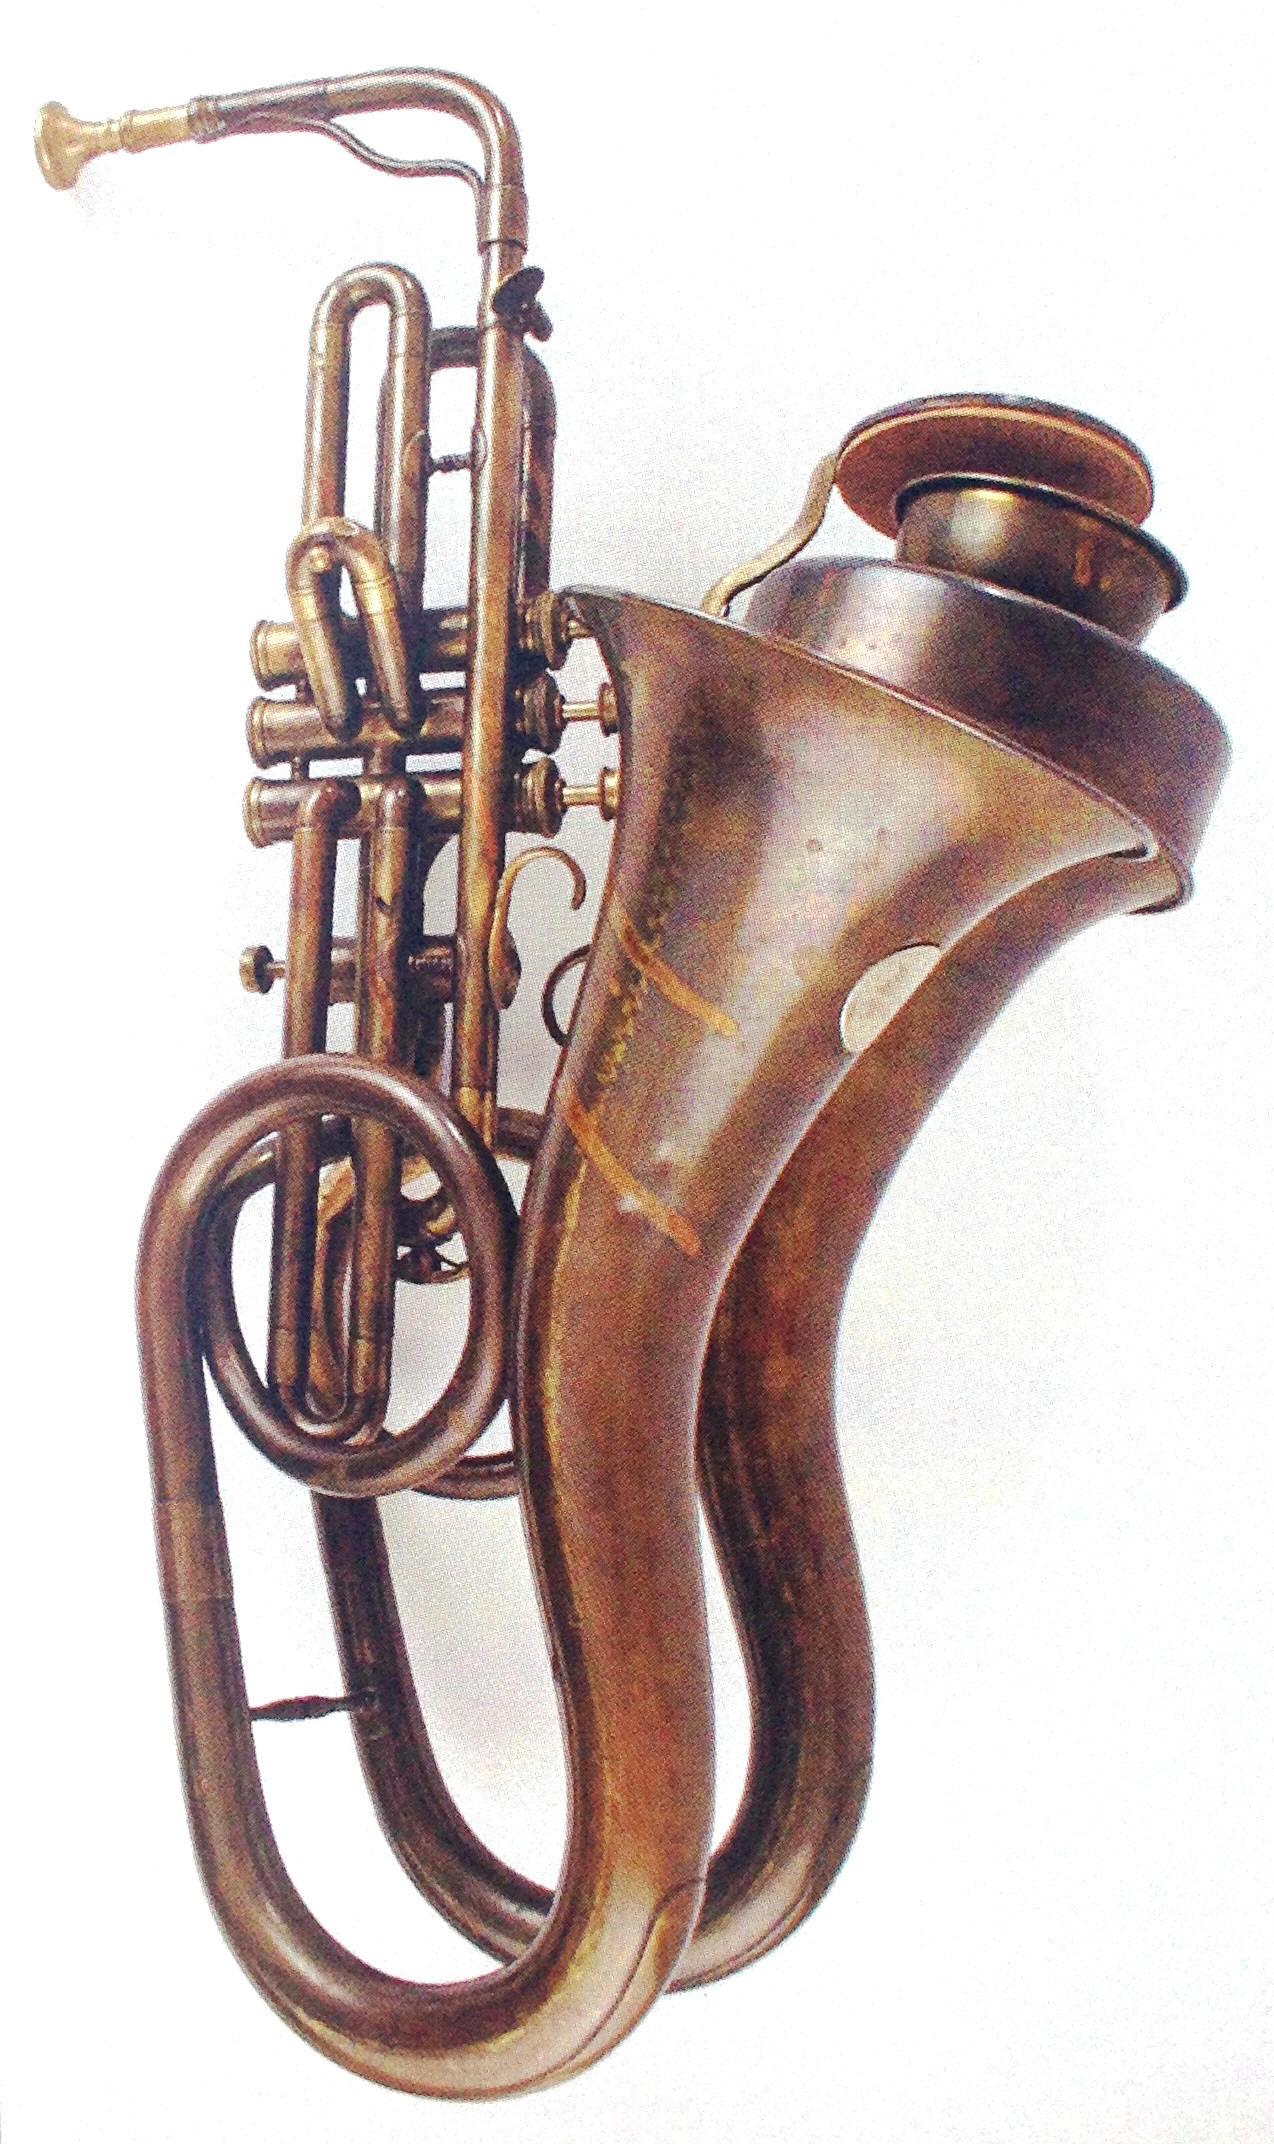 The Jazzophone